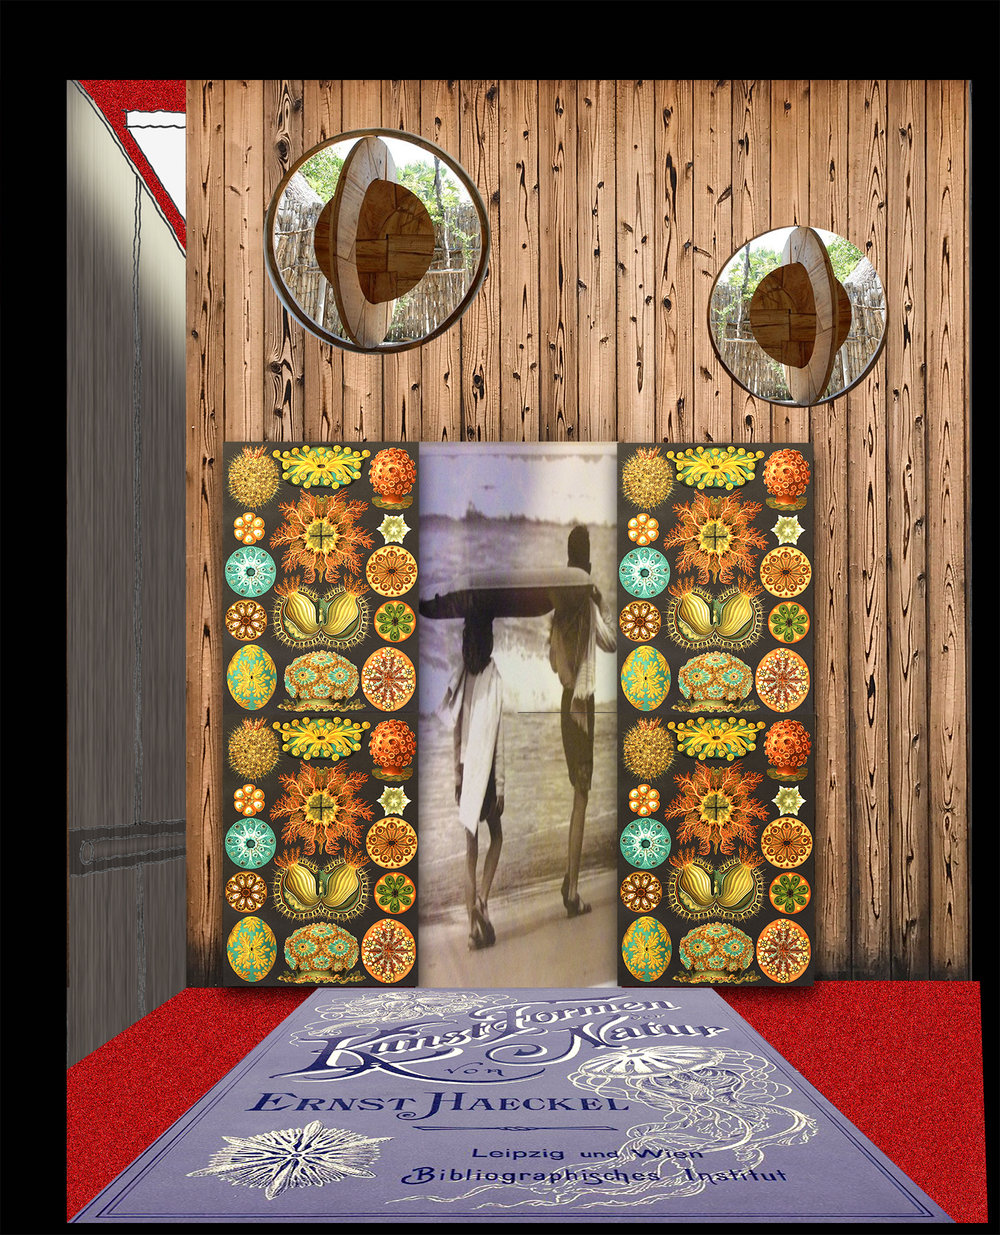 Haeckel_Open door_1500ppi copy.jpg